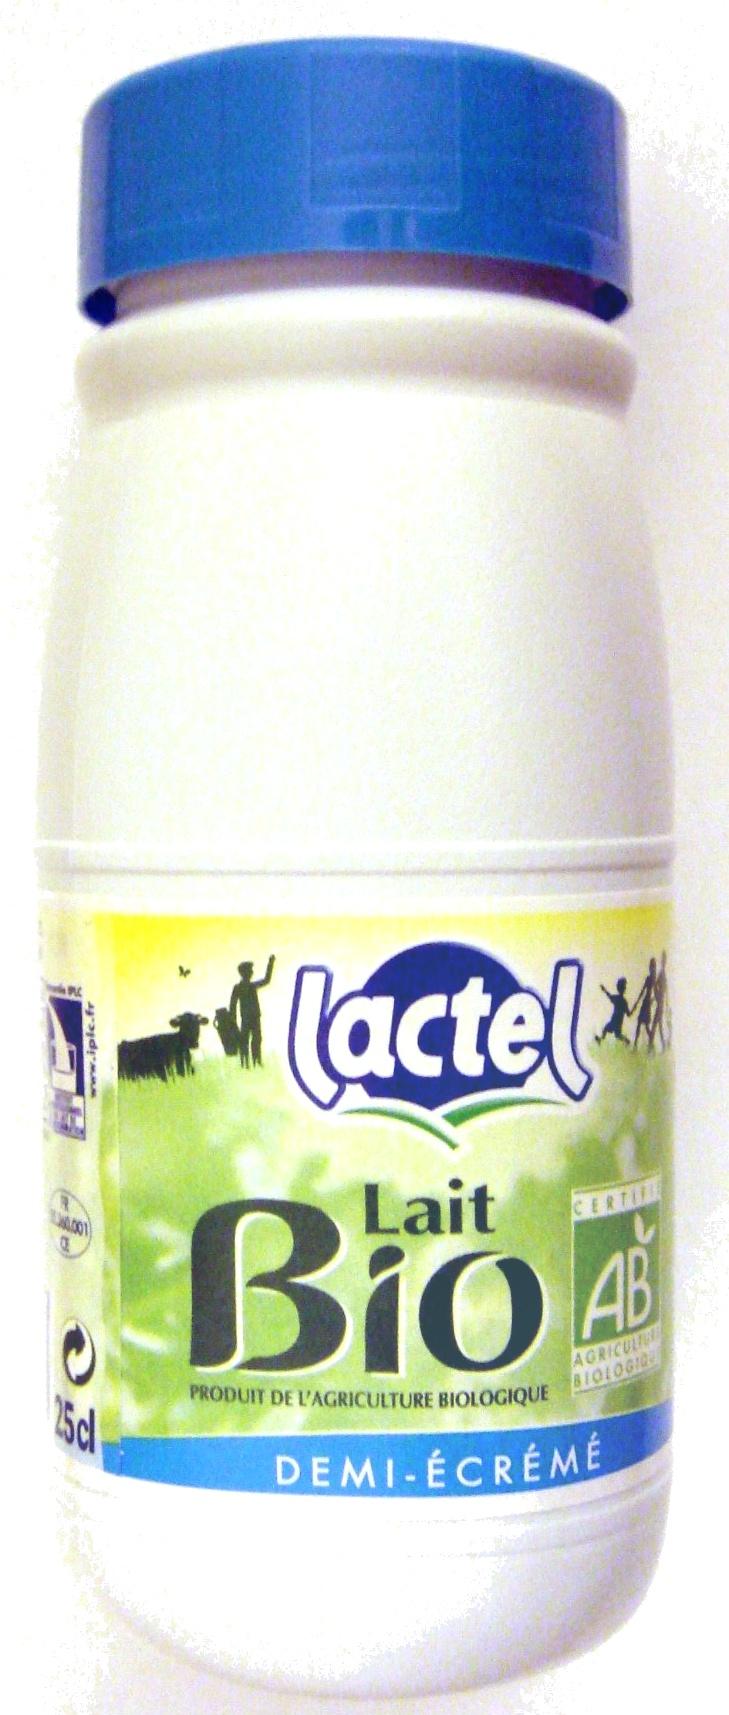 Lait demi-écrémé BIO, Lactel (25 cl)